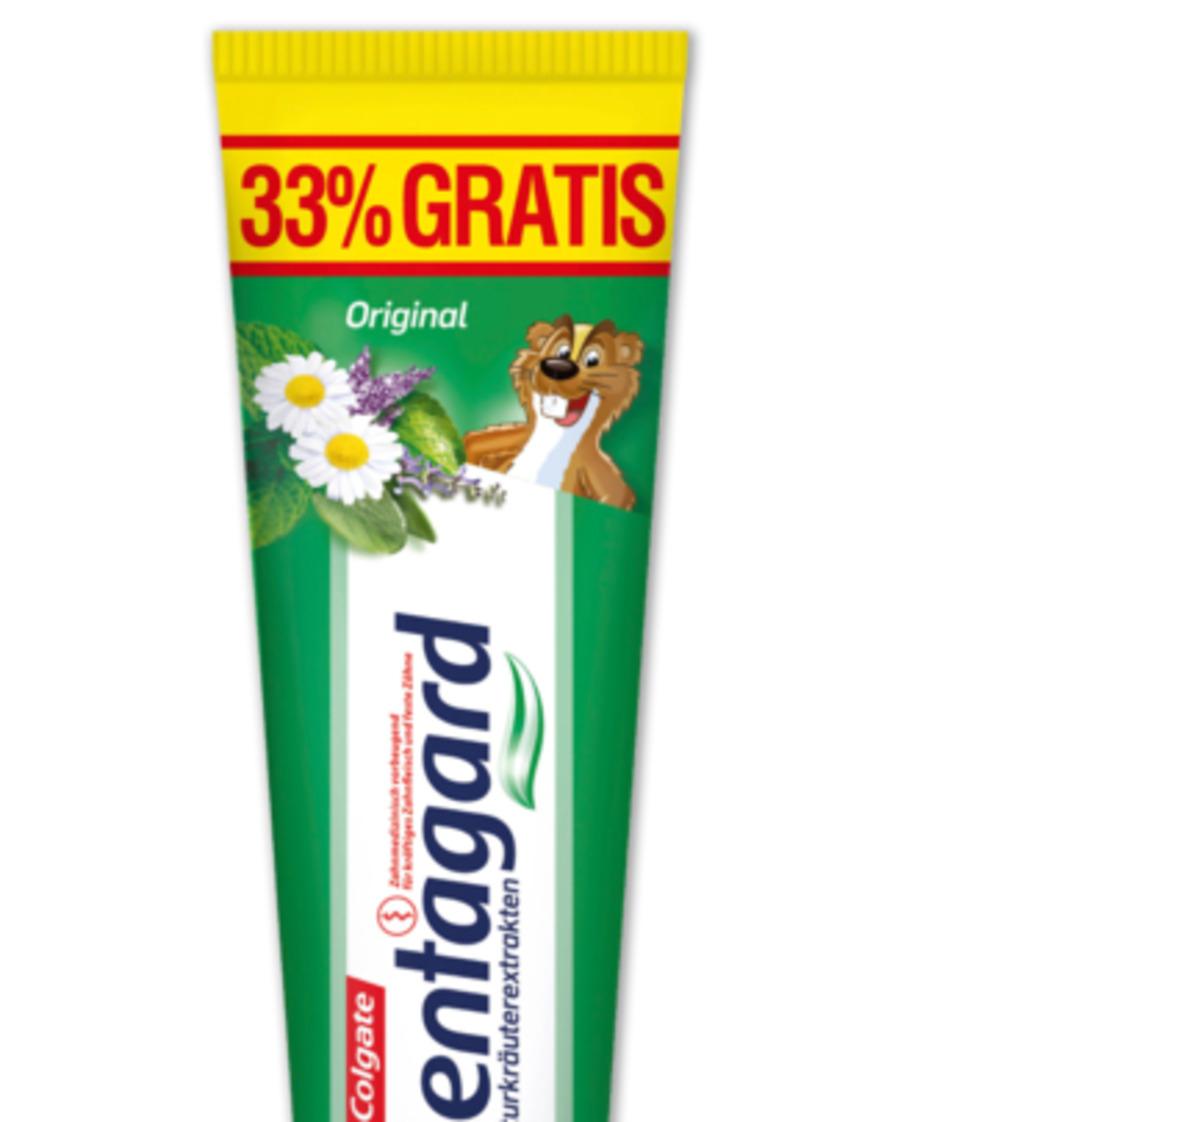 Penny Markt: Dentagard von Colgate in der 100ml Tube ( 33% gratis gegenüber der 75 ml Tube ) mit Minze, Salbei, Myrrhe und Kamille